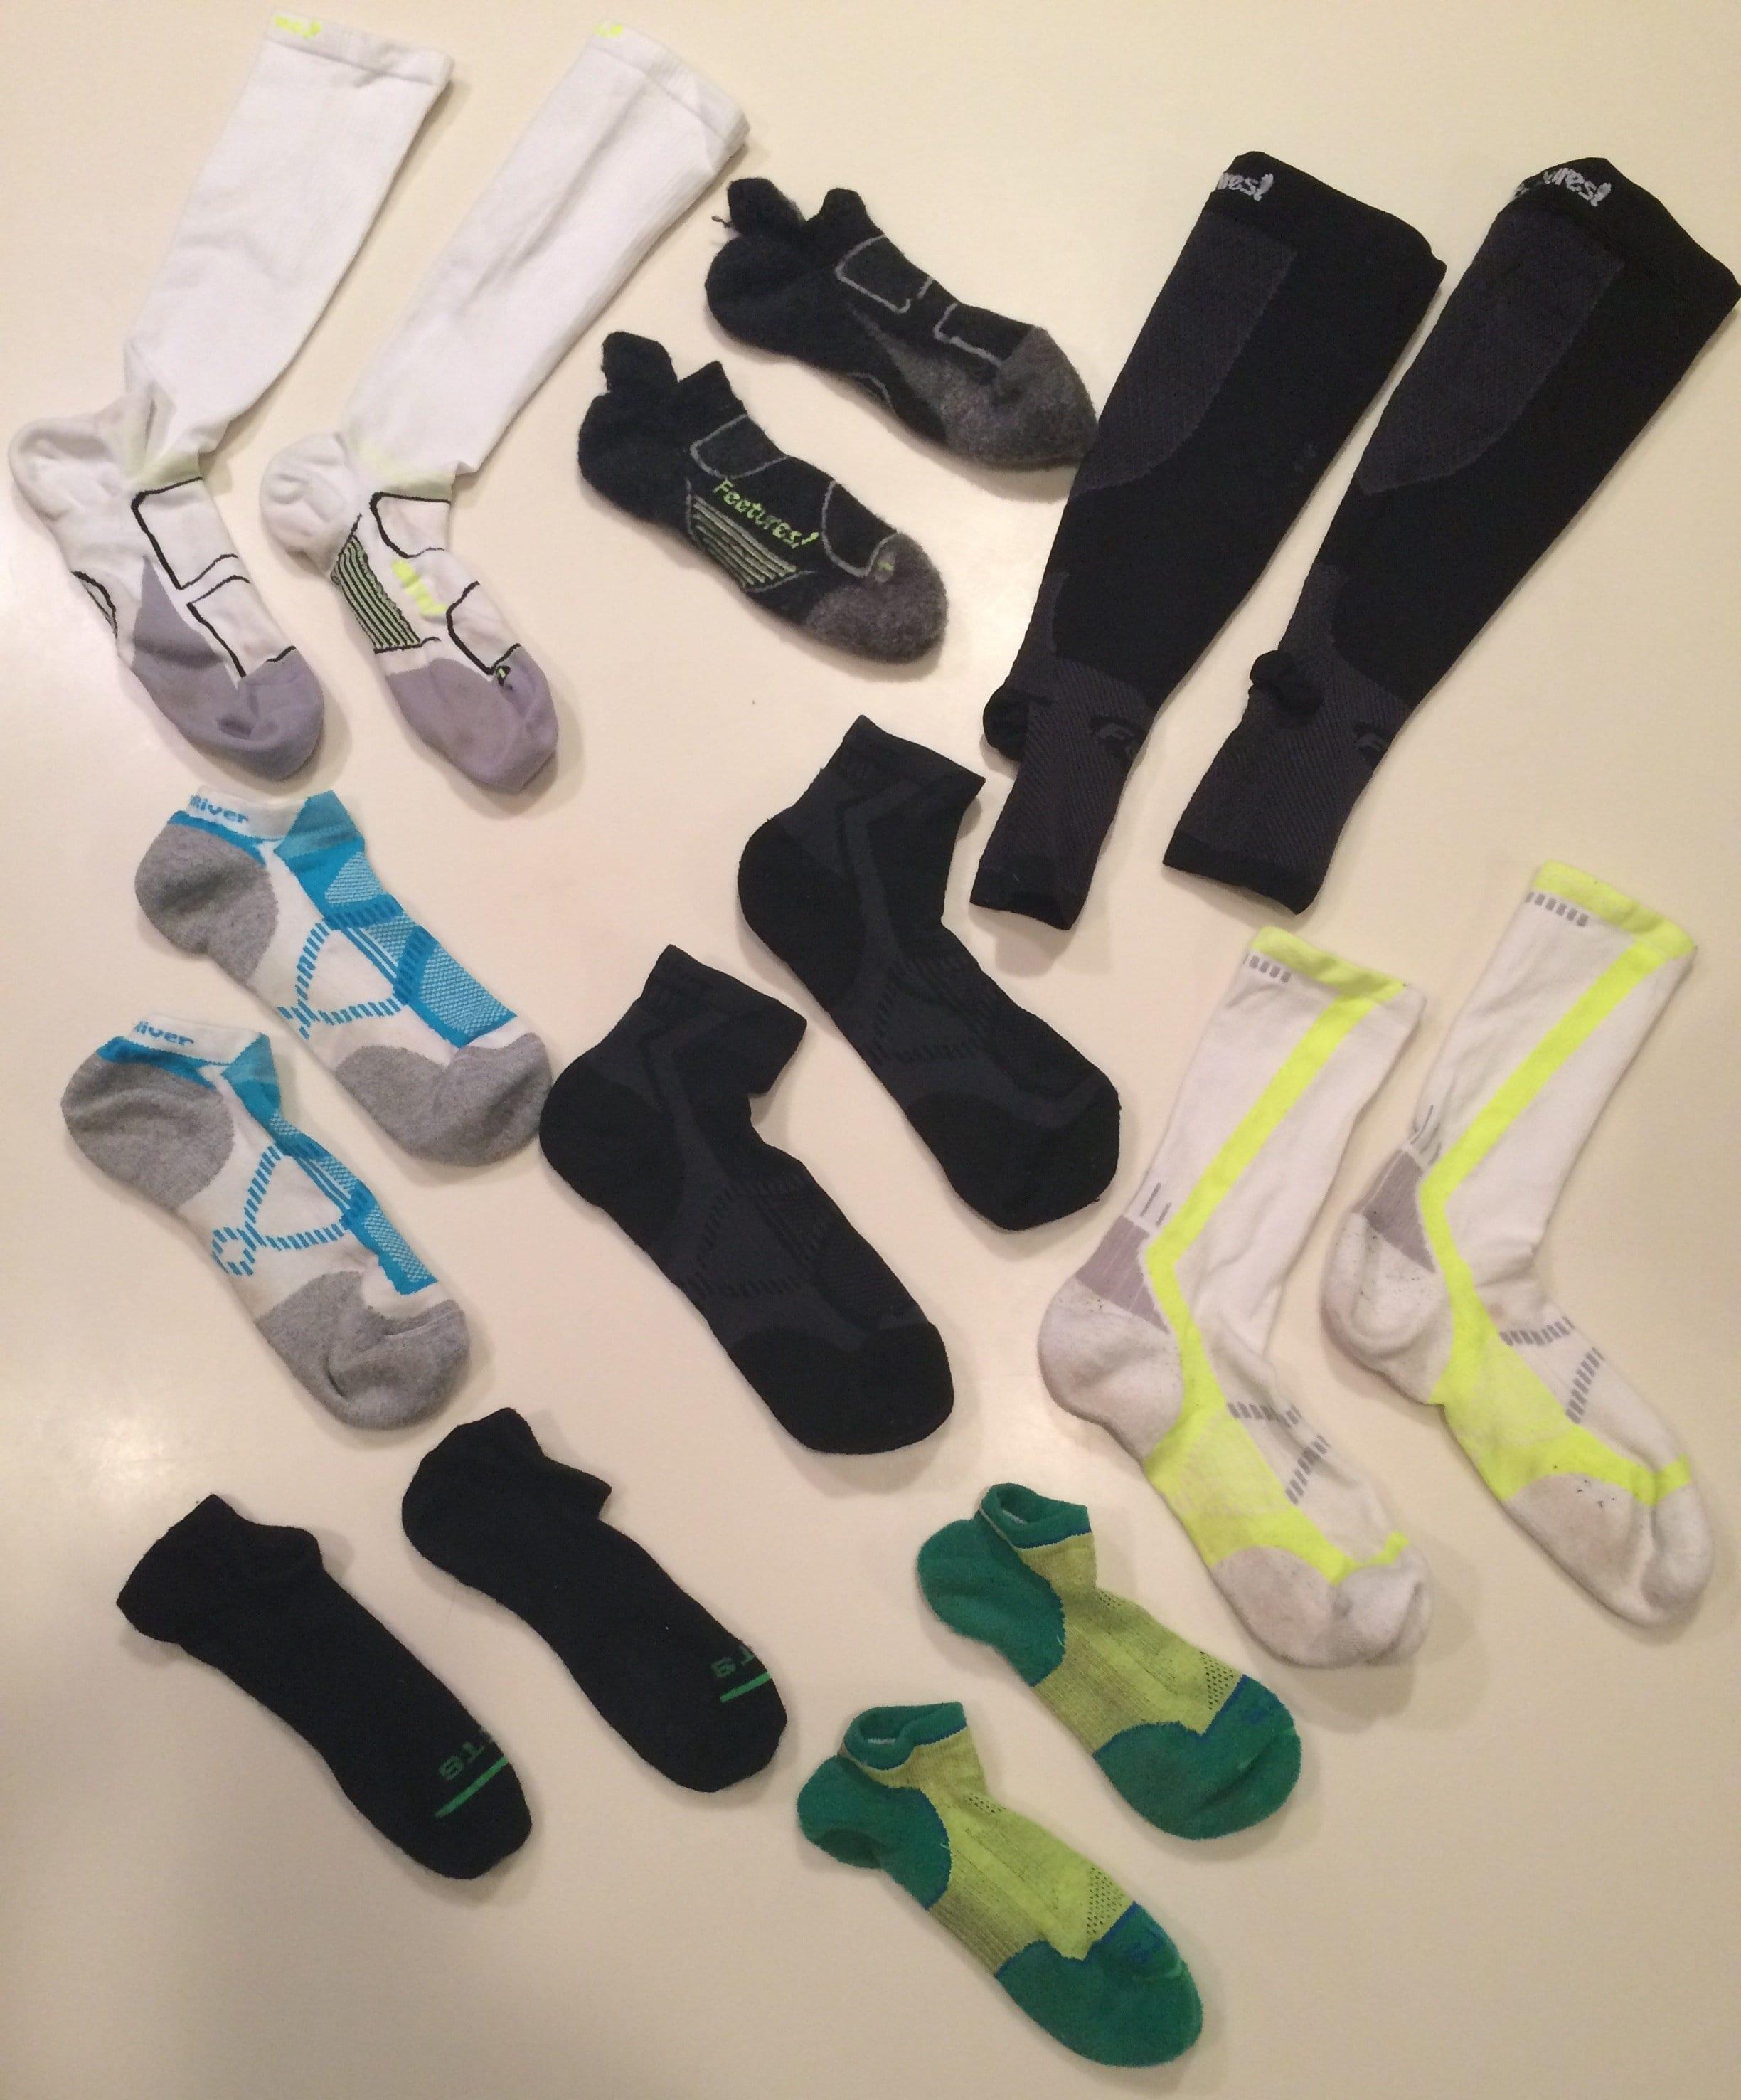 New Socks for the New Season